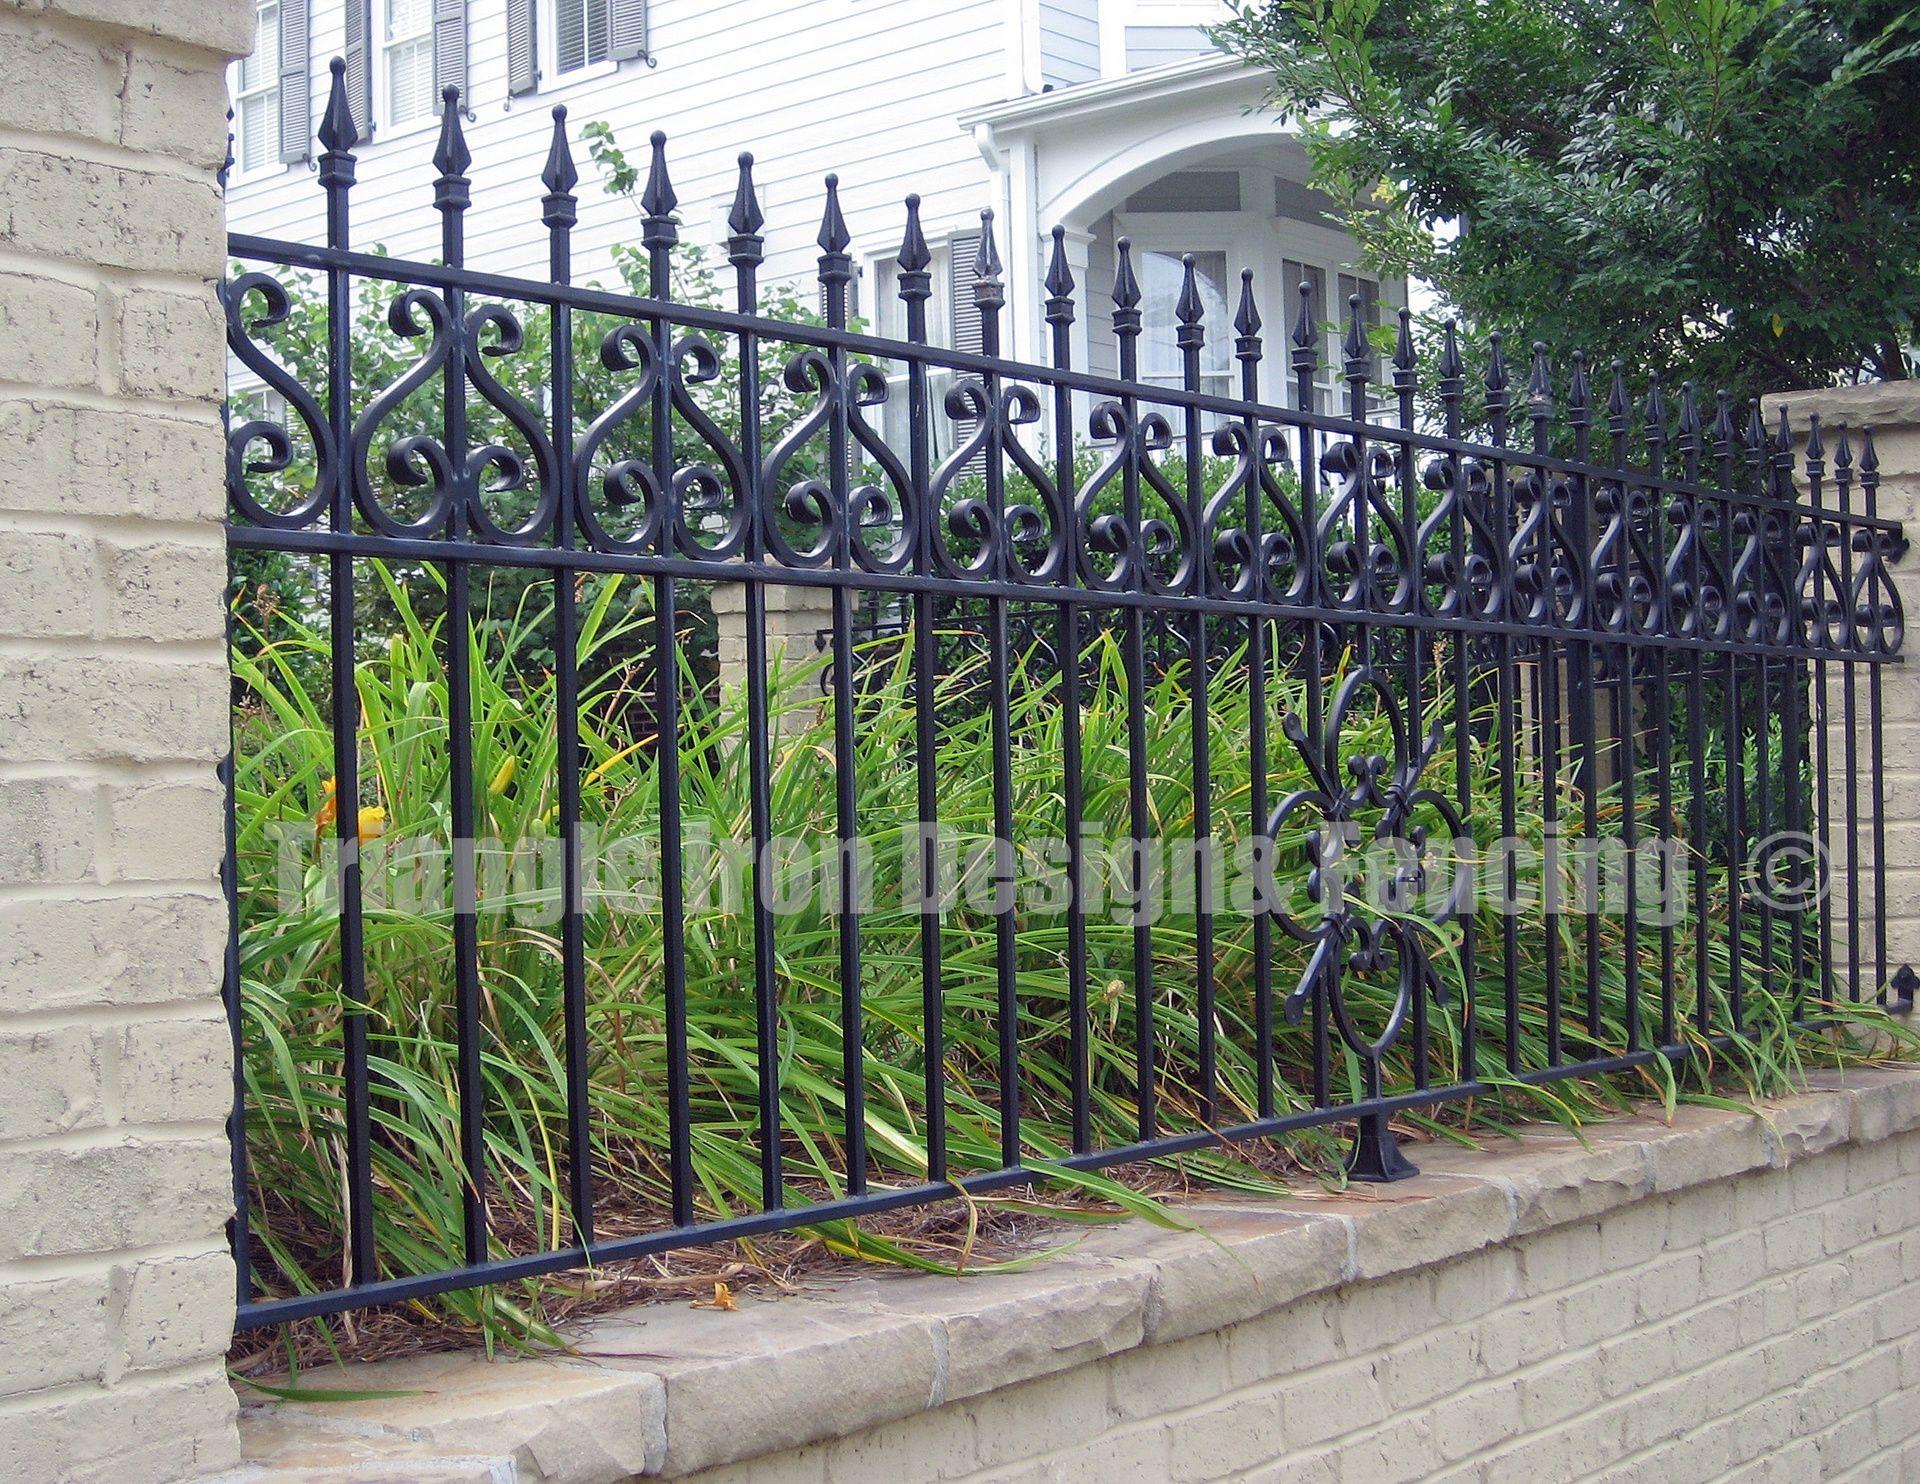 Fencing Beautiful Iron Fence #fences